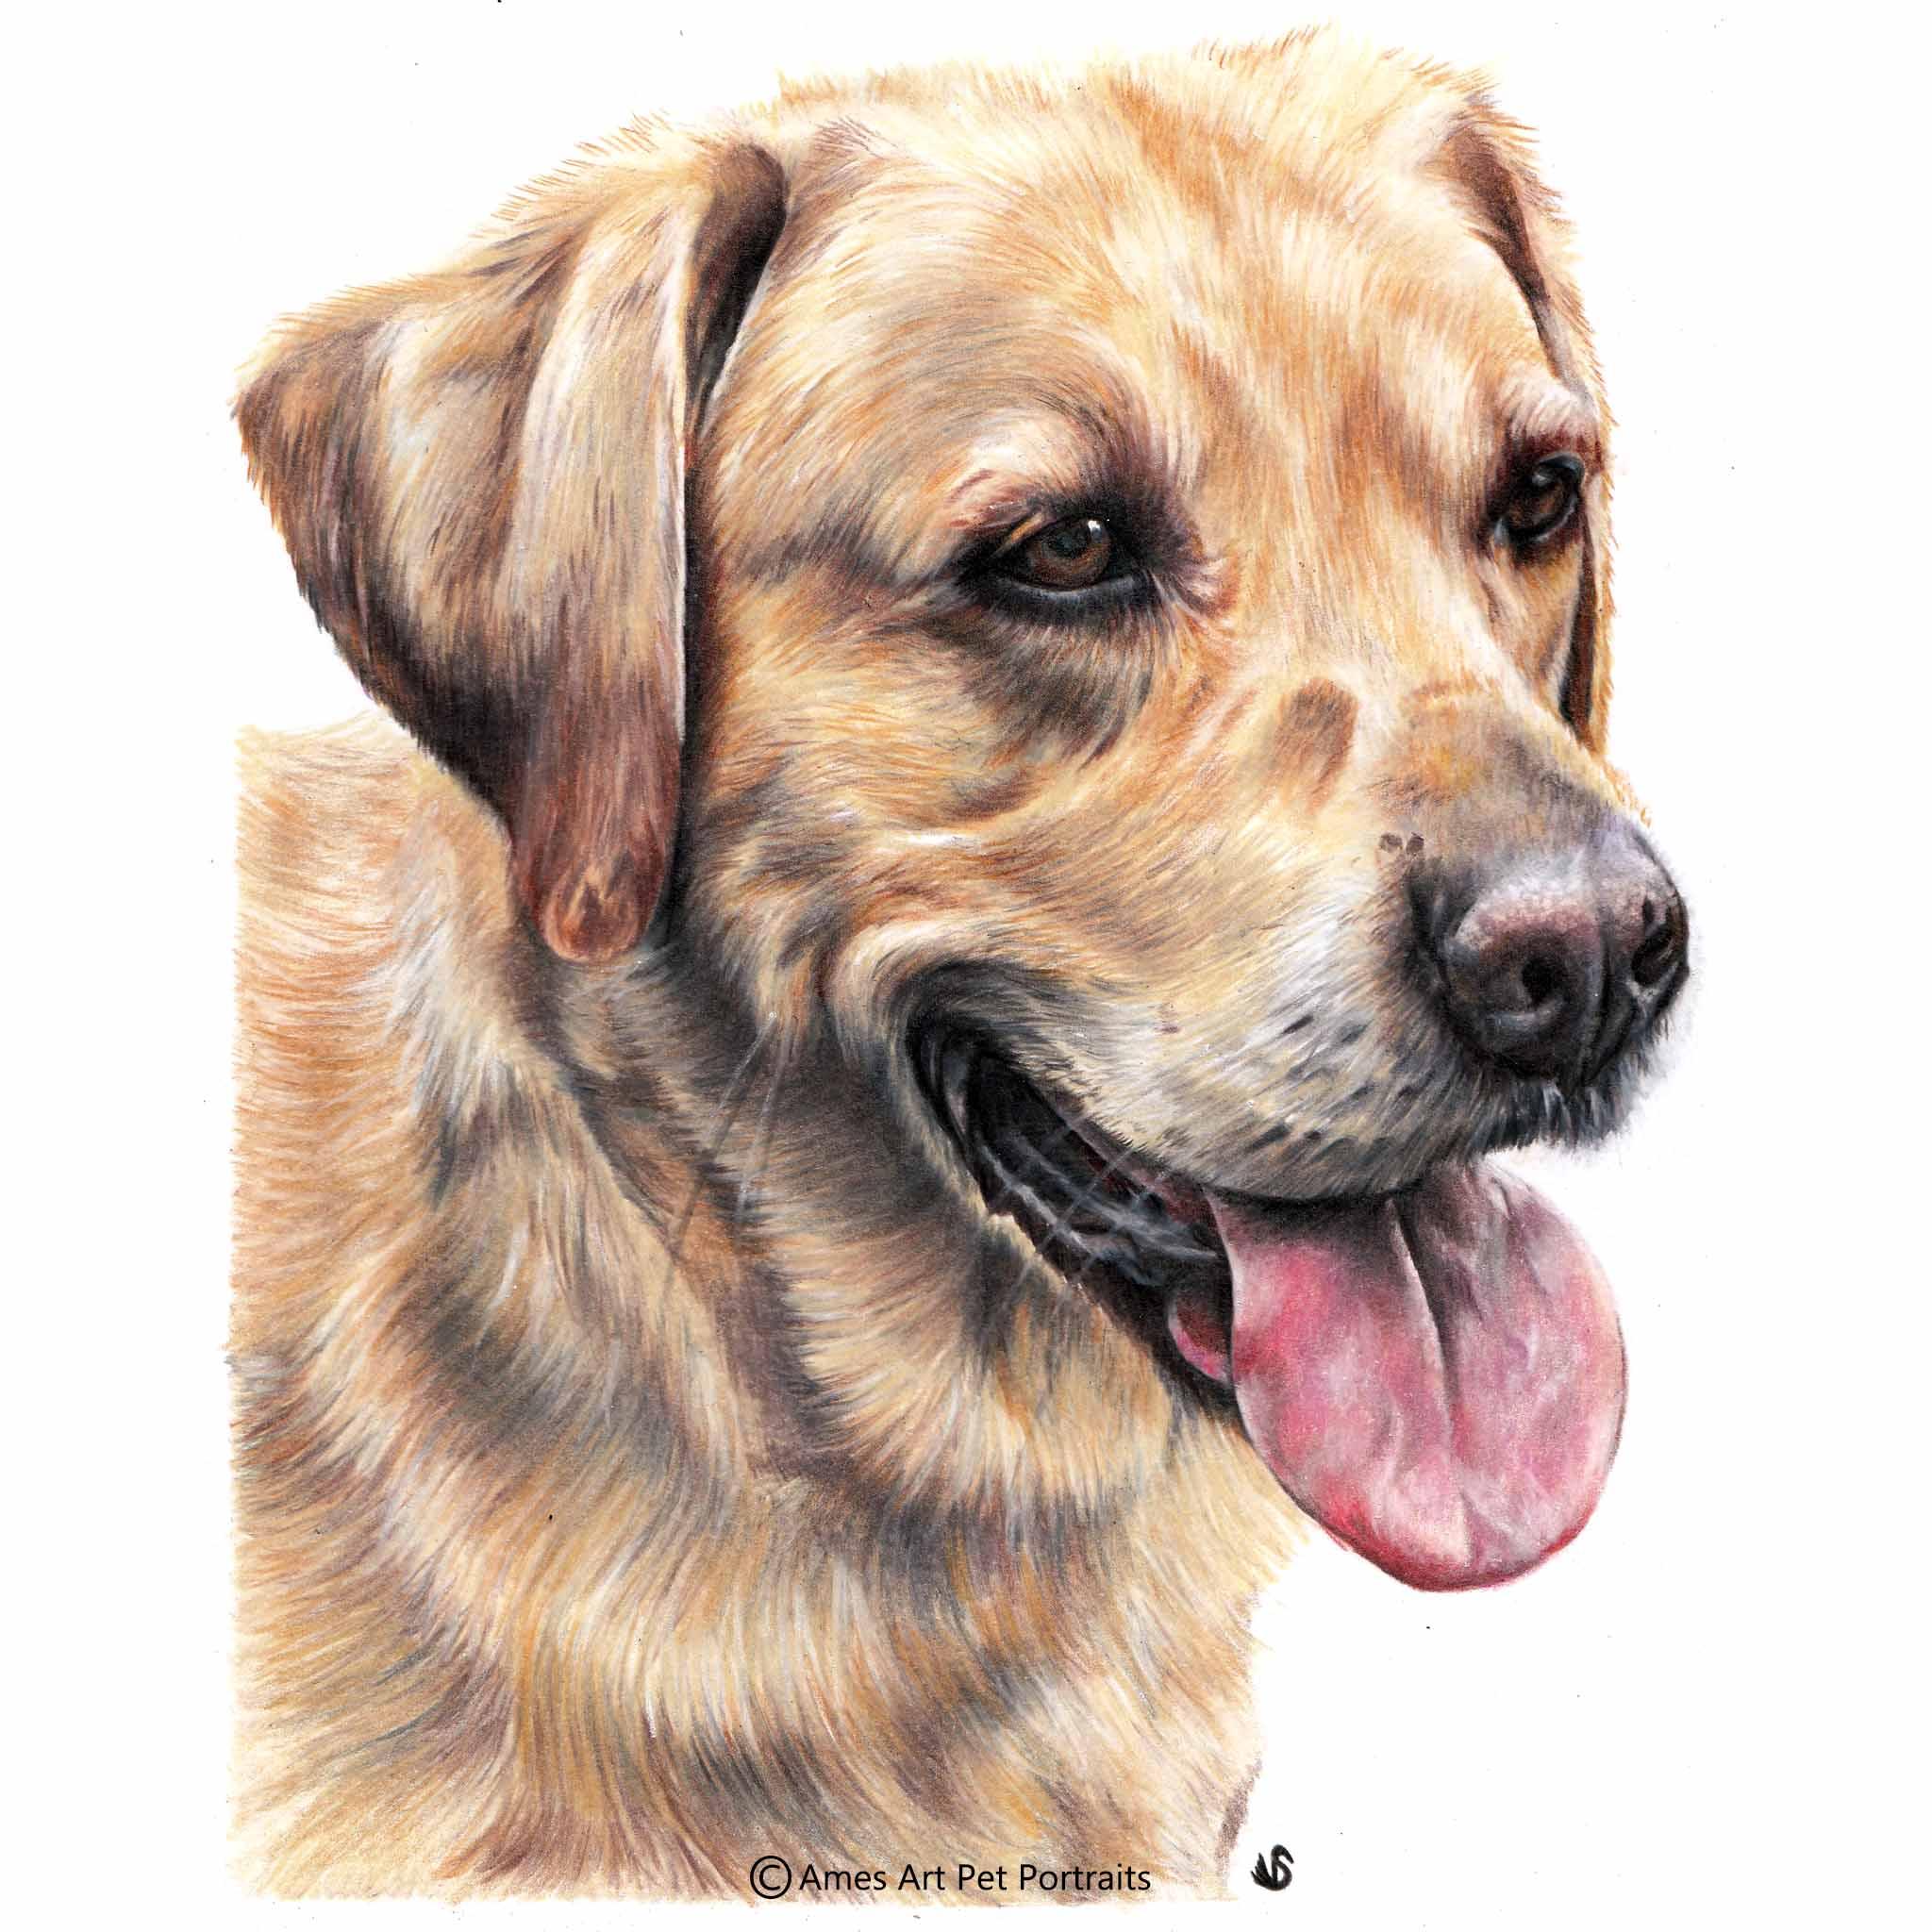 'Oscar' - UK, 8.5 x 11.7 inches, 2017, Colour Pencil Dog Portrait